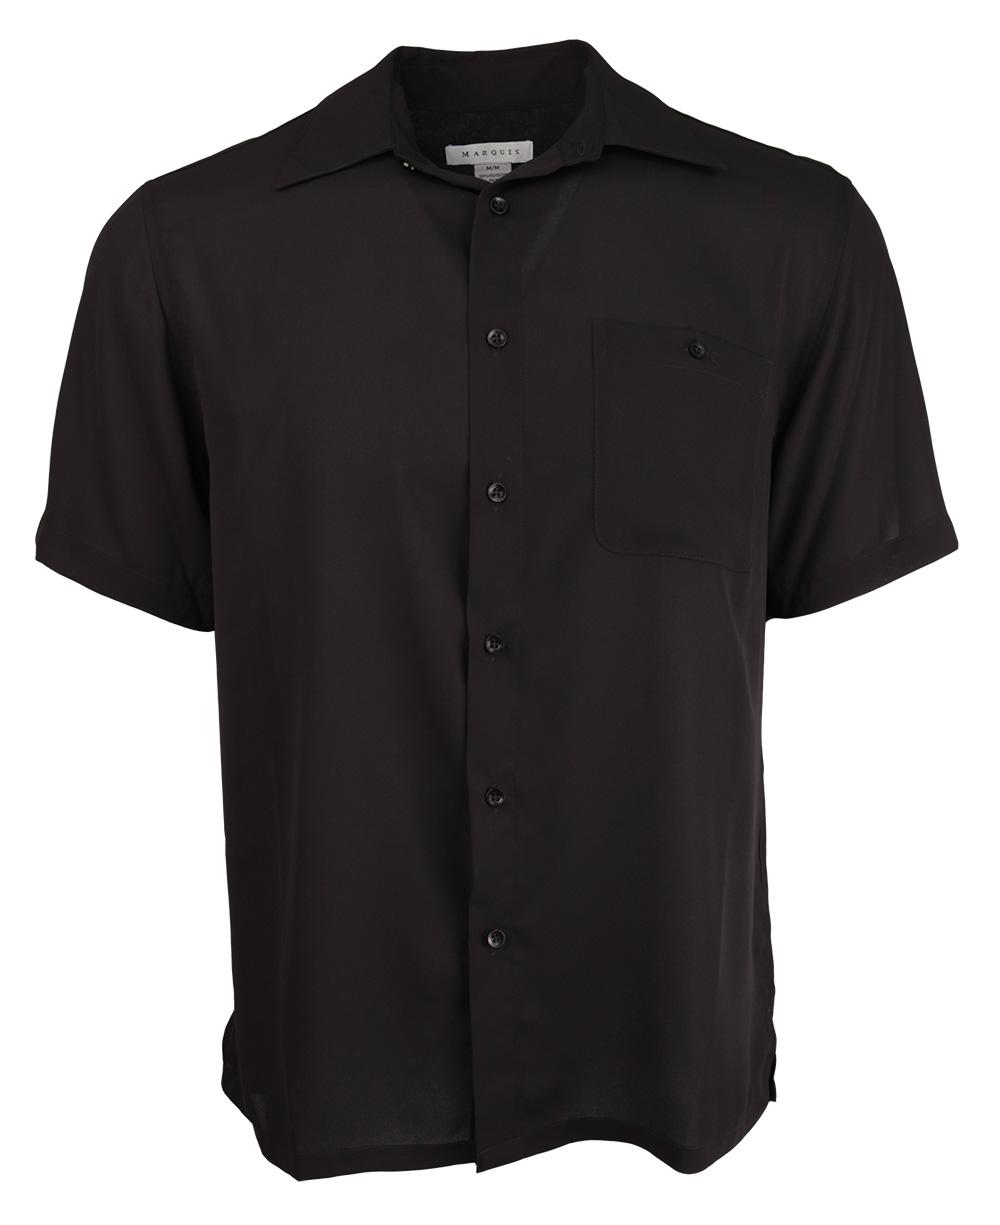 17206 - Black